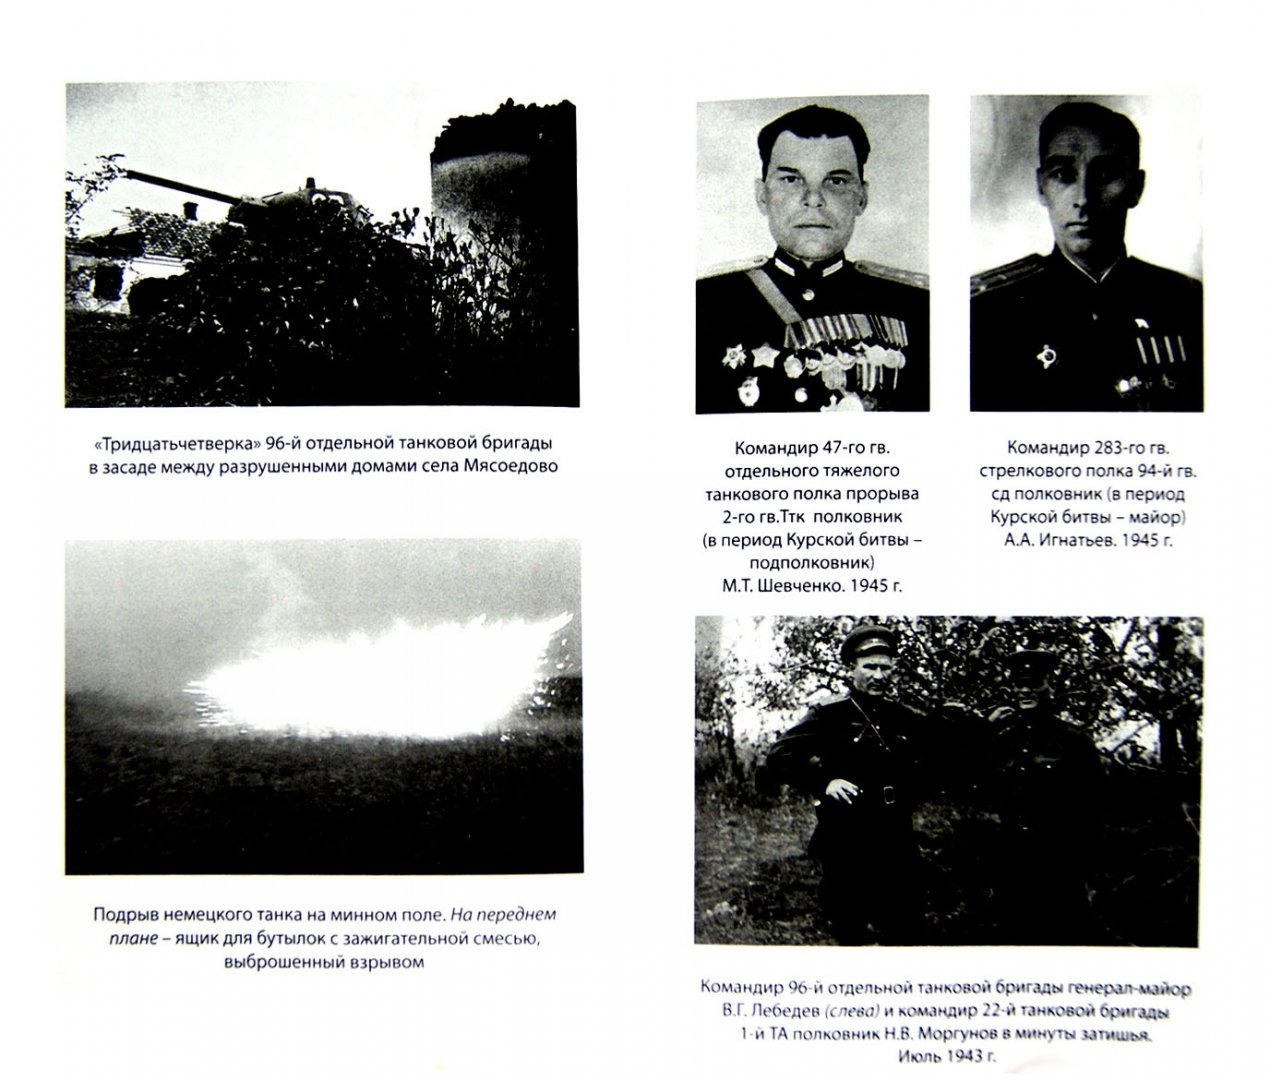 Иллюстрация 1 из 3 для Переломный момент Курской битвы. Забытое сражение Огненной Дуги - Валерий Замулин | Лабиринт - книги. Источник: Лабиринт